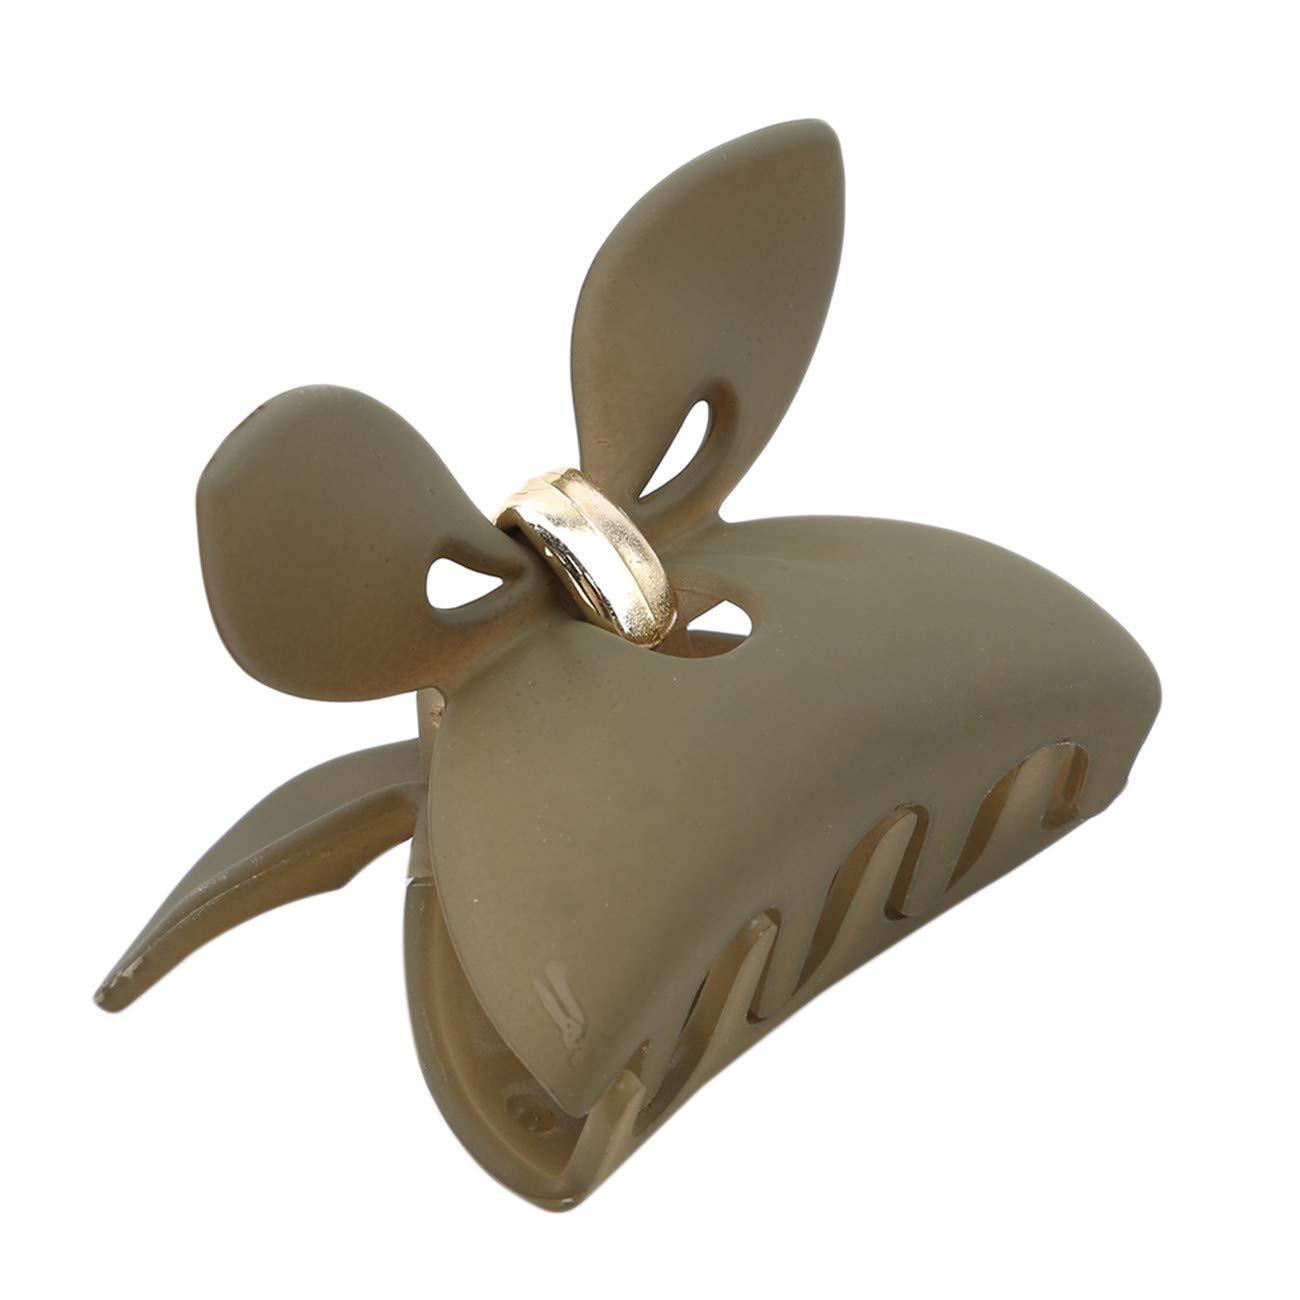 Gr/ün Bigsweety Womens Kaninchen Ohr Haarspange Bowknot Einfache Unregelm/ä/ßige Klaue Clips Headwear